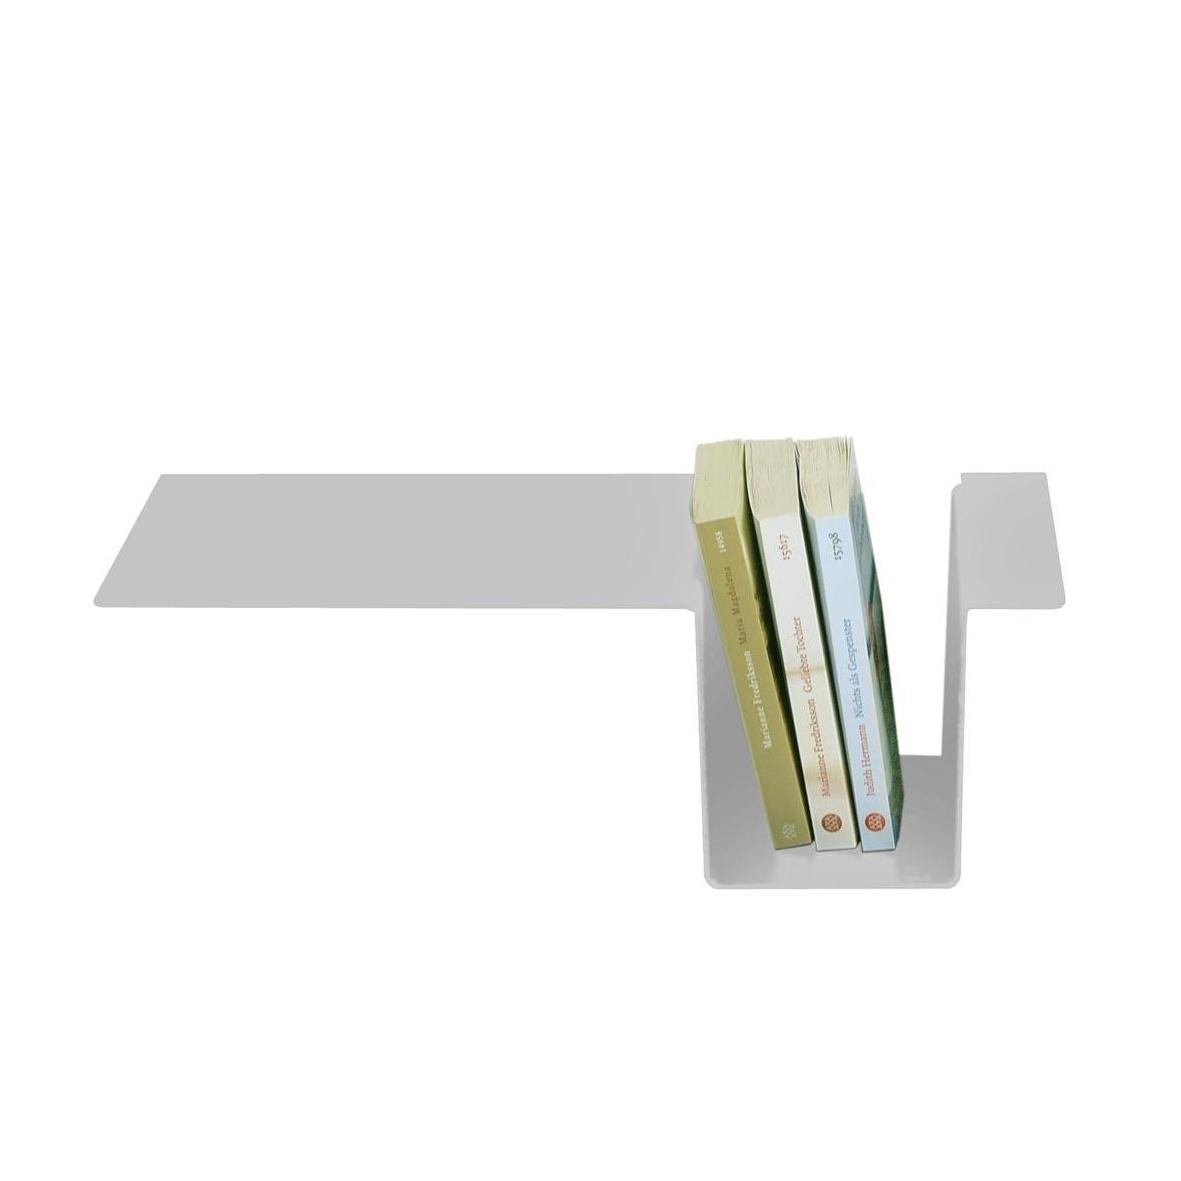 Moormann - Siebenschläfer Seitenablage - silber/eloxiert/zum einhängen | Schlafzimmer > Nachttische | Silber | Aluminum | Moormann